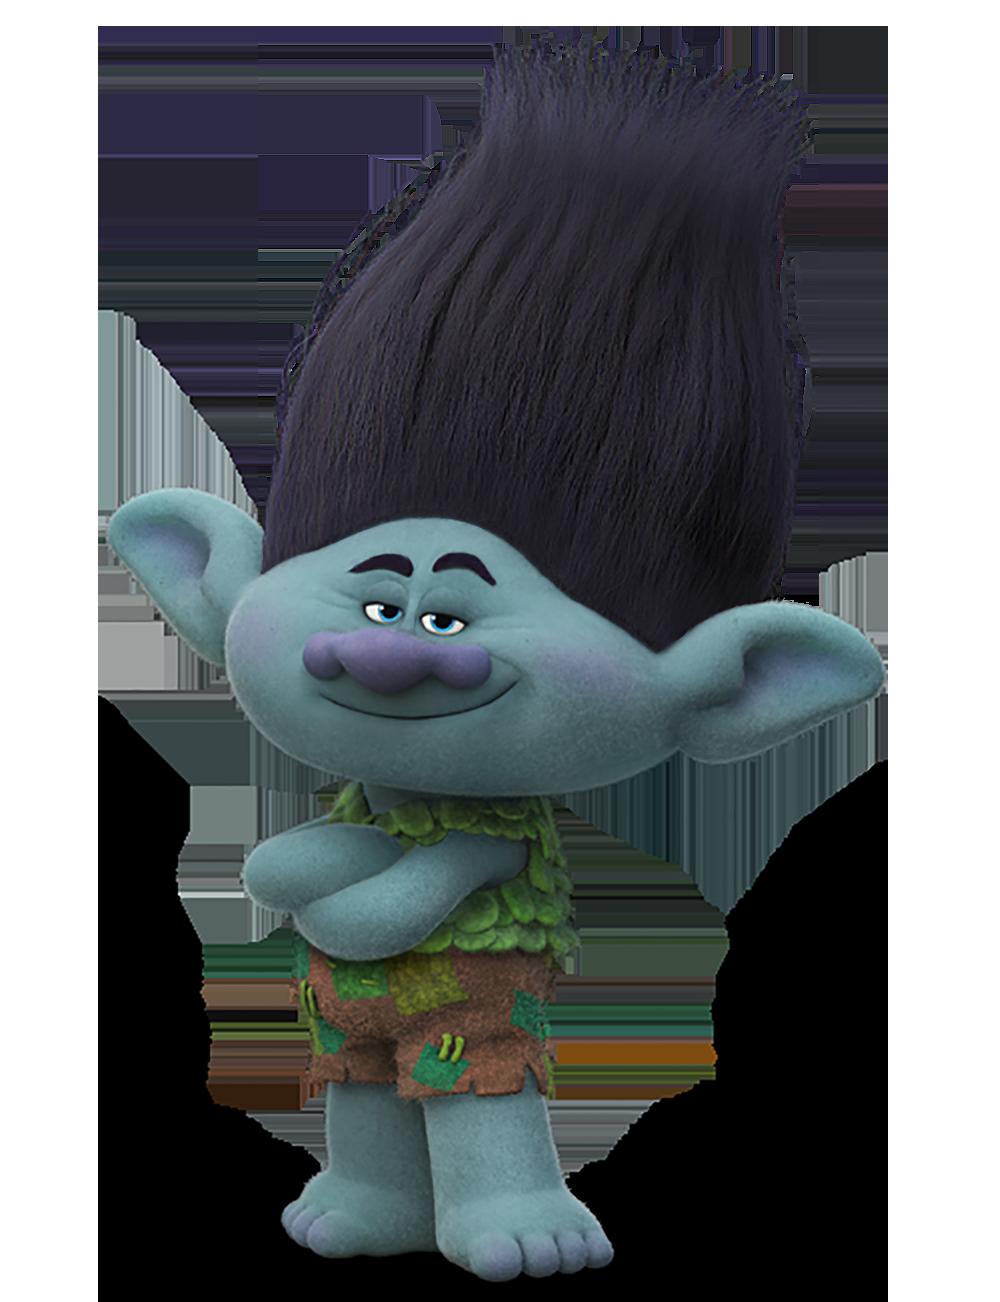 Branch de la película Trolls